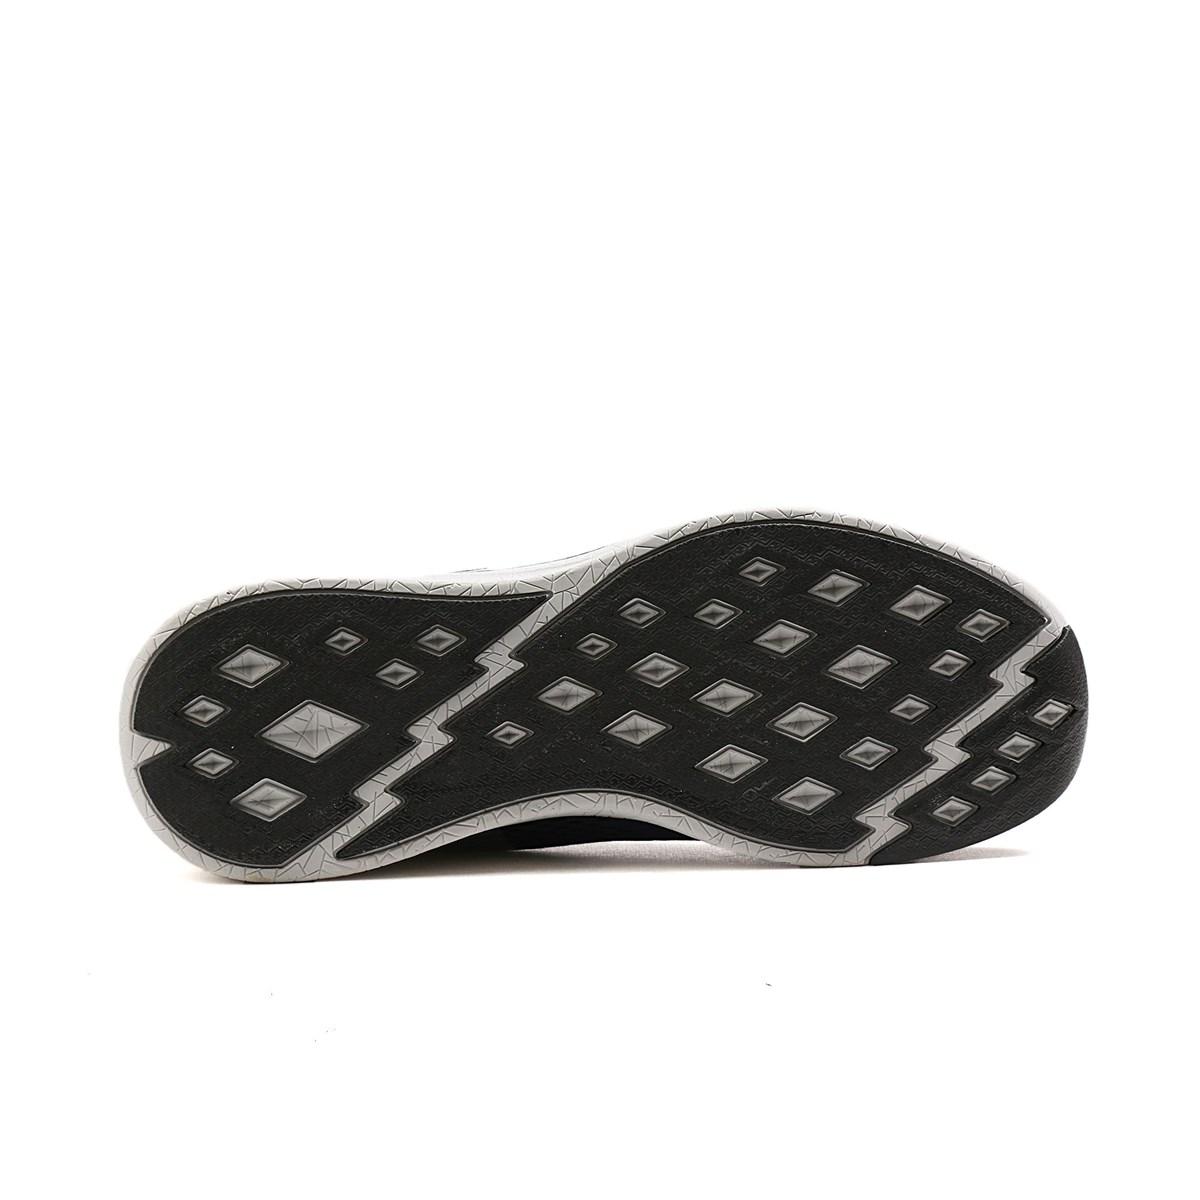 Burst 2.0 Out Of Range Erkek Lacivert Spor Ayakkabı